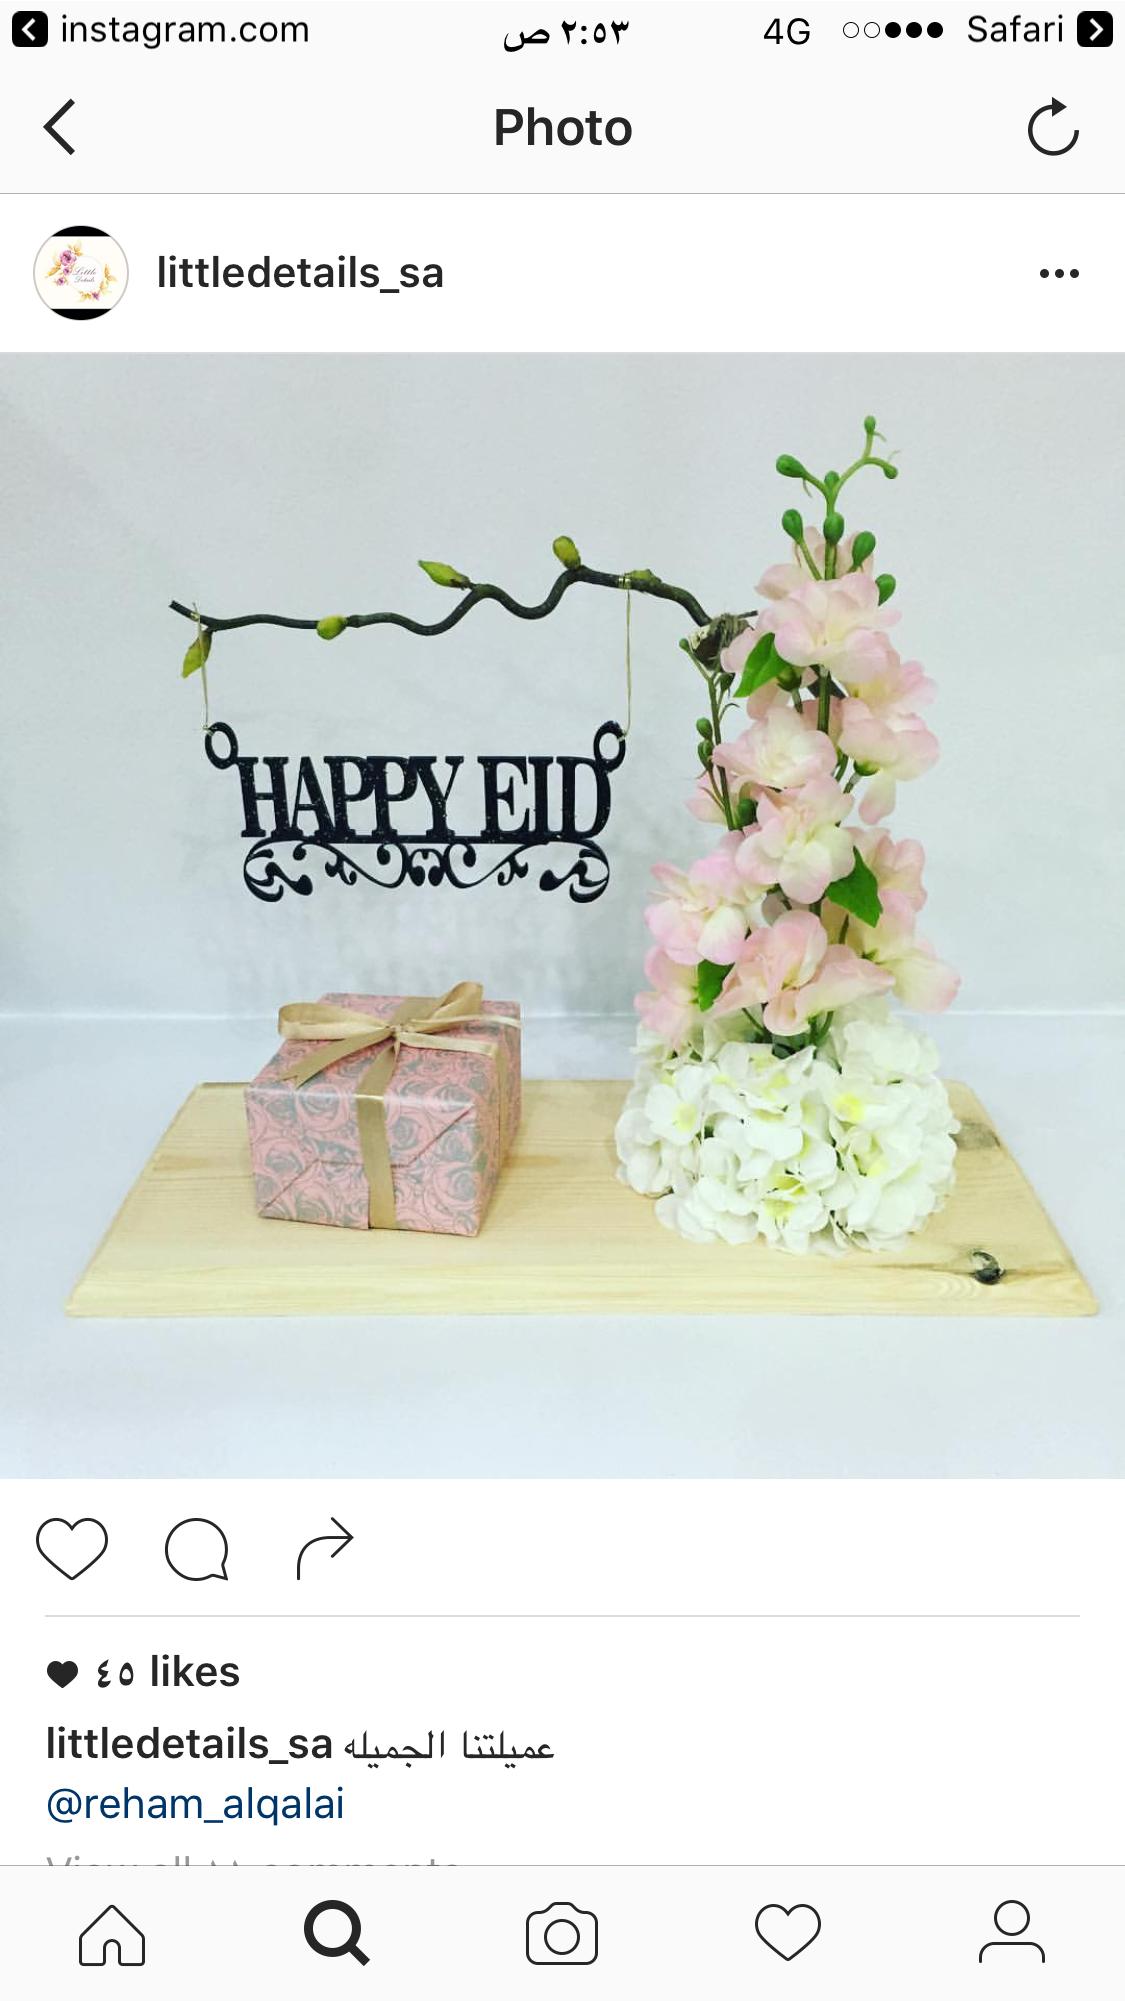 Pin by aliaa on نماذج pinterest eid gift and ramadan